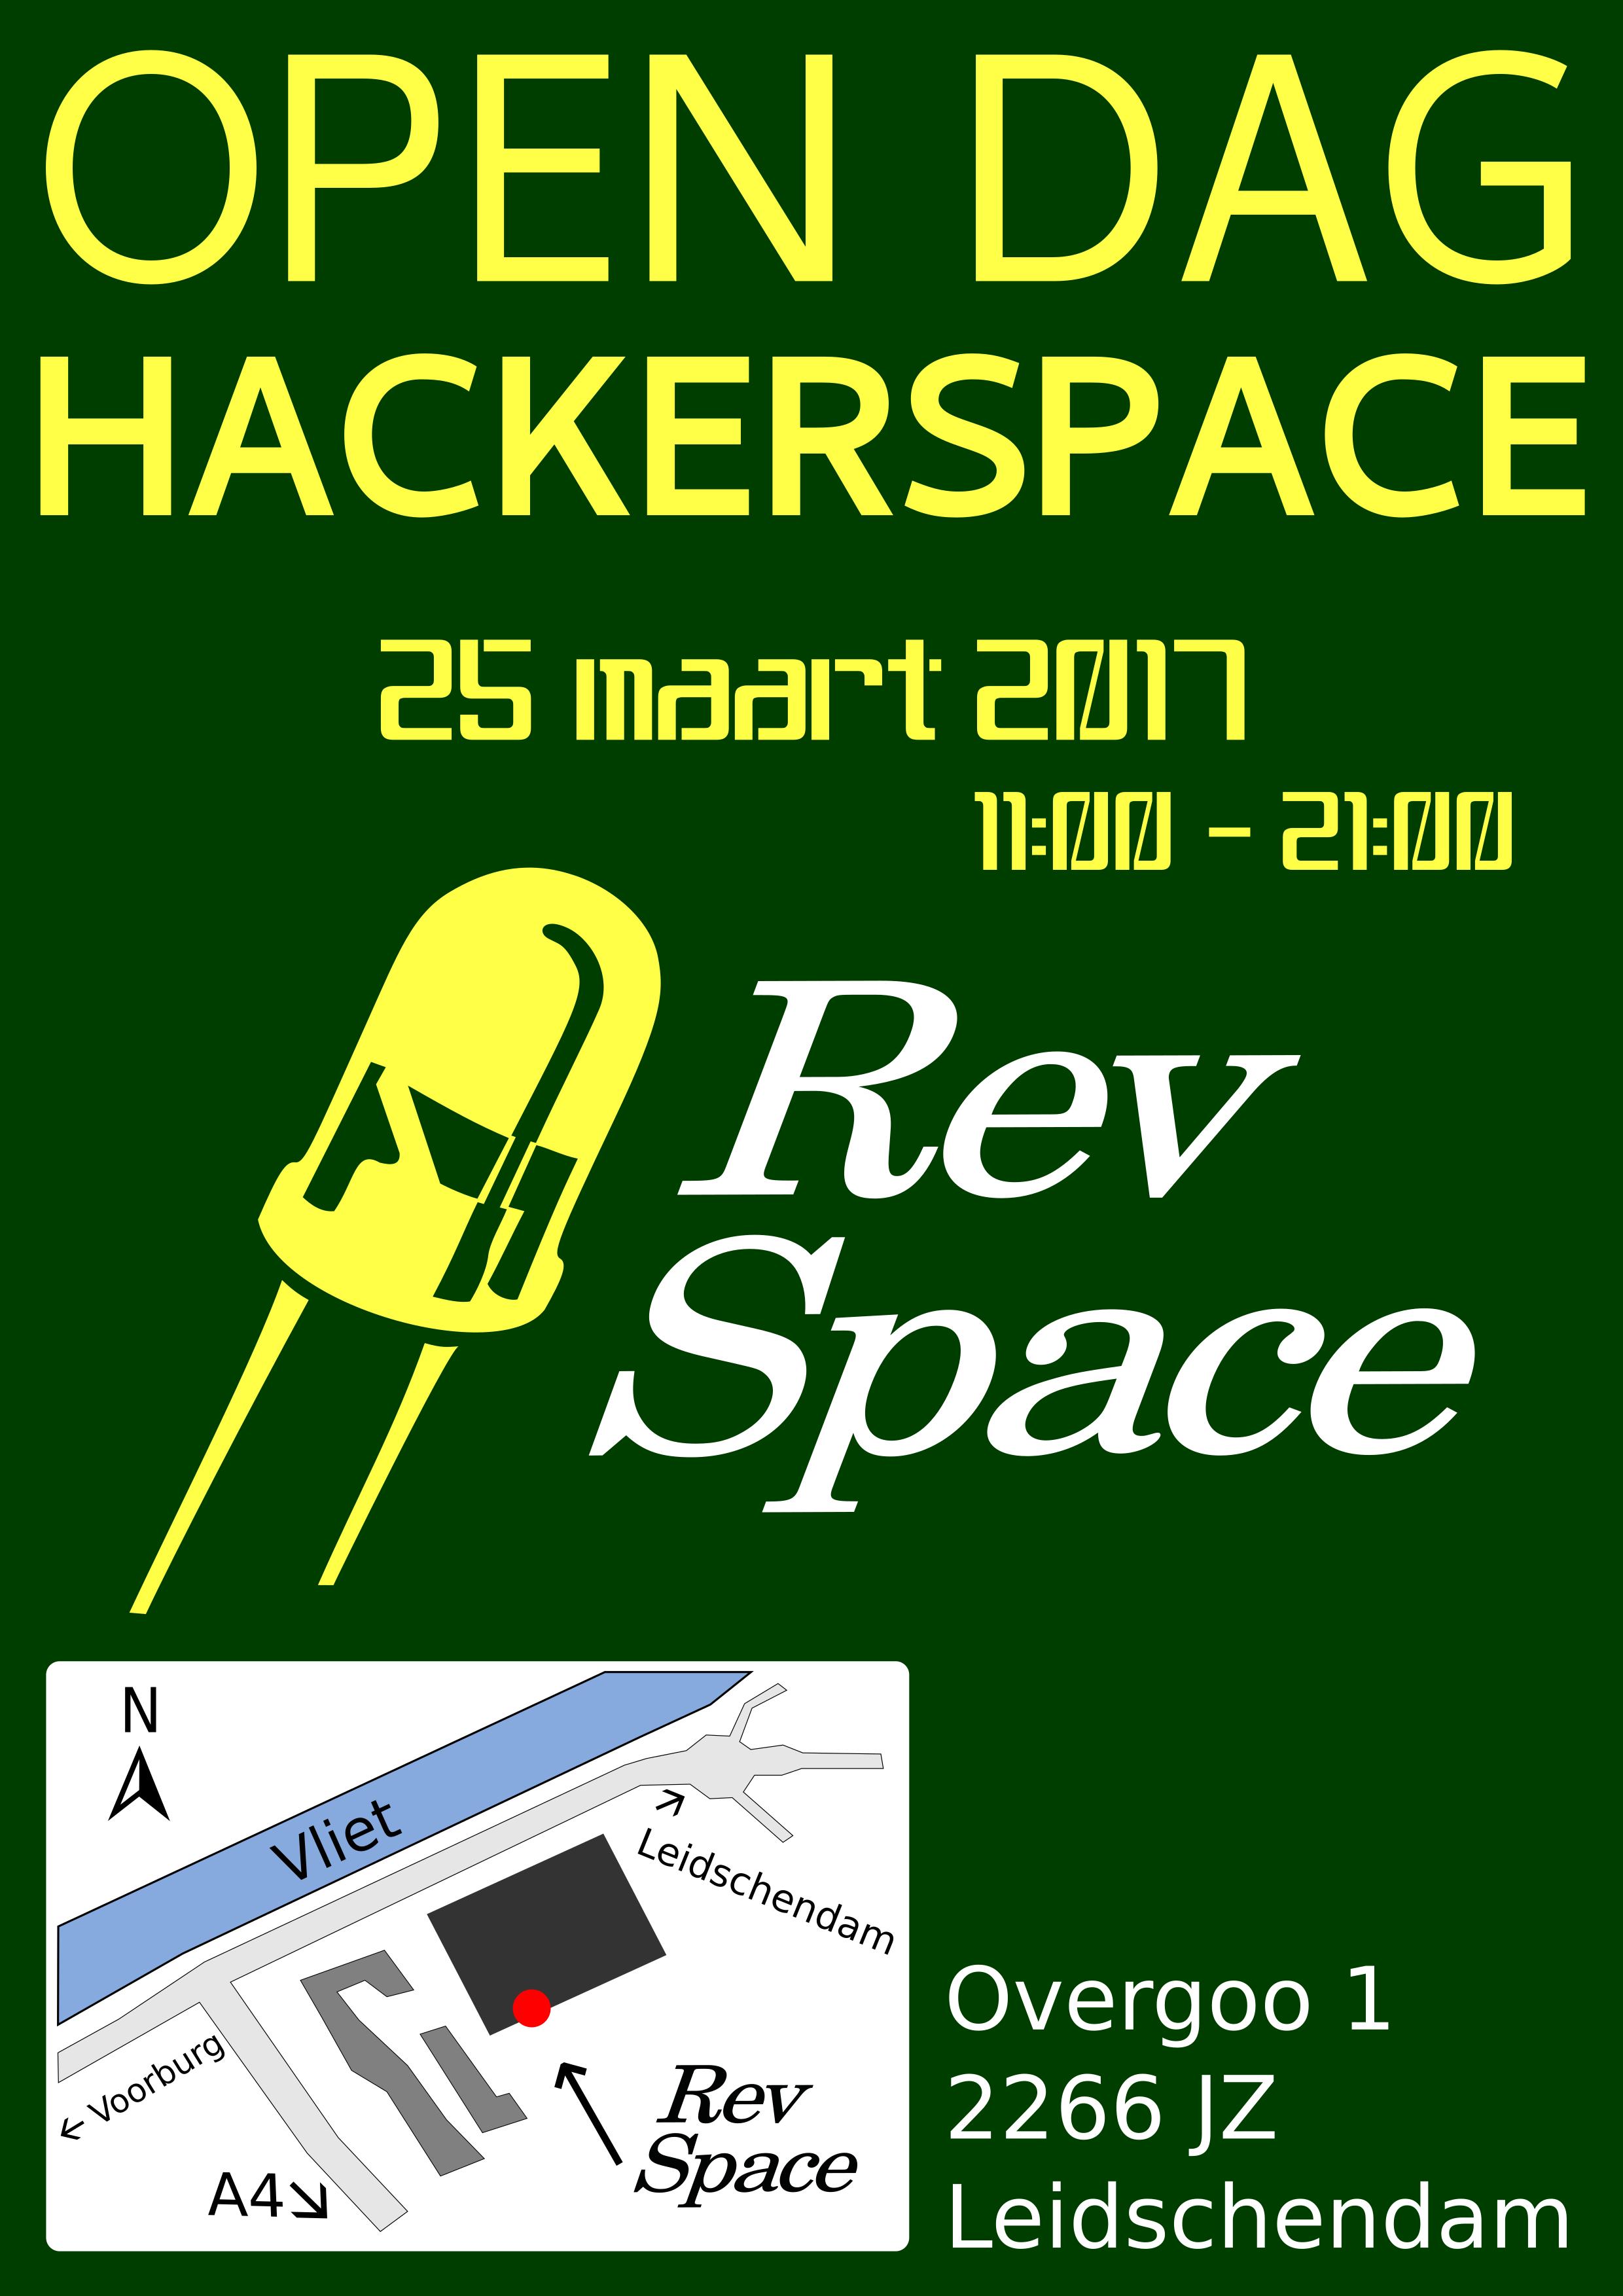 https://revspace.nl/images/8/84/Opendag2017-v8.png